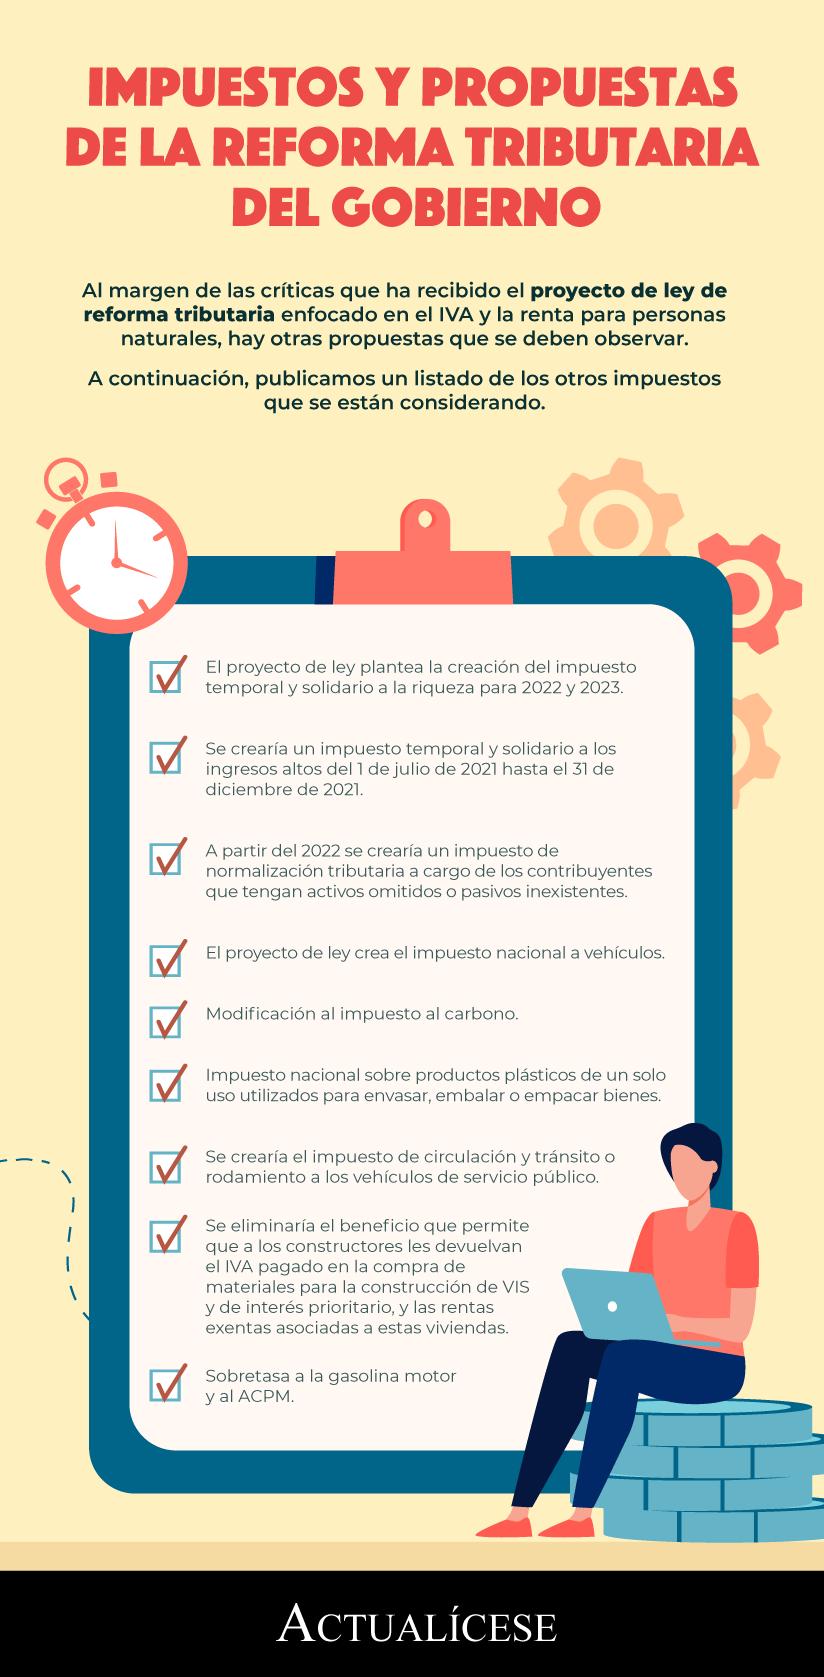 [Infografía] Impuestos y propuestas de la reforma tributaria del Gobierno